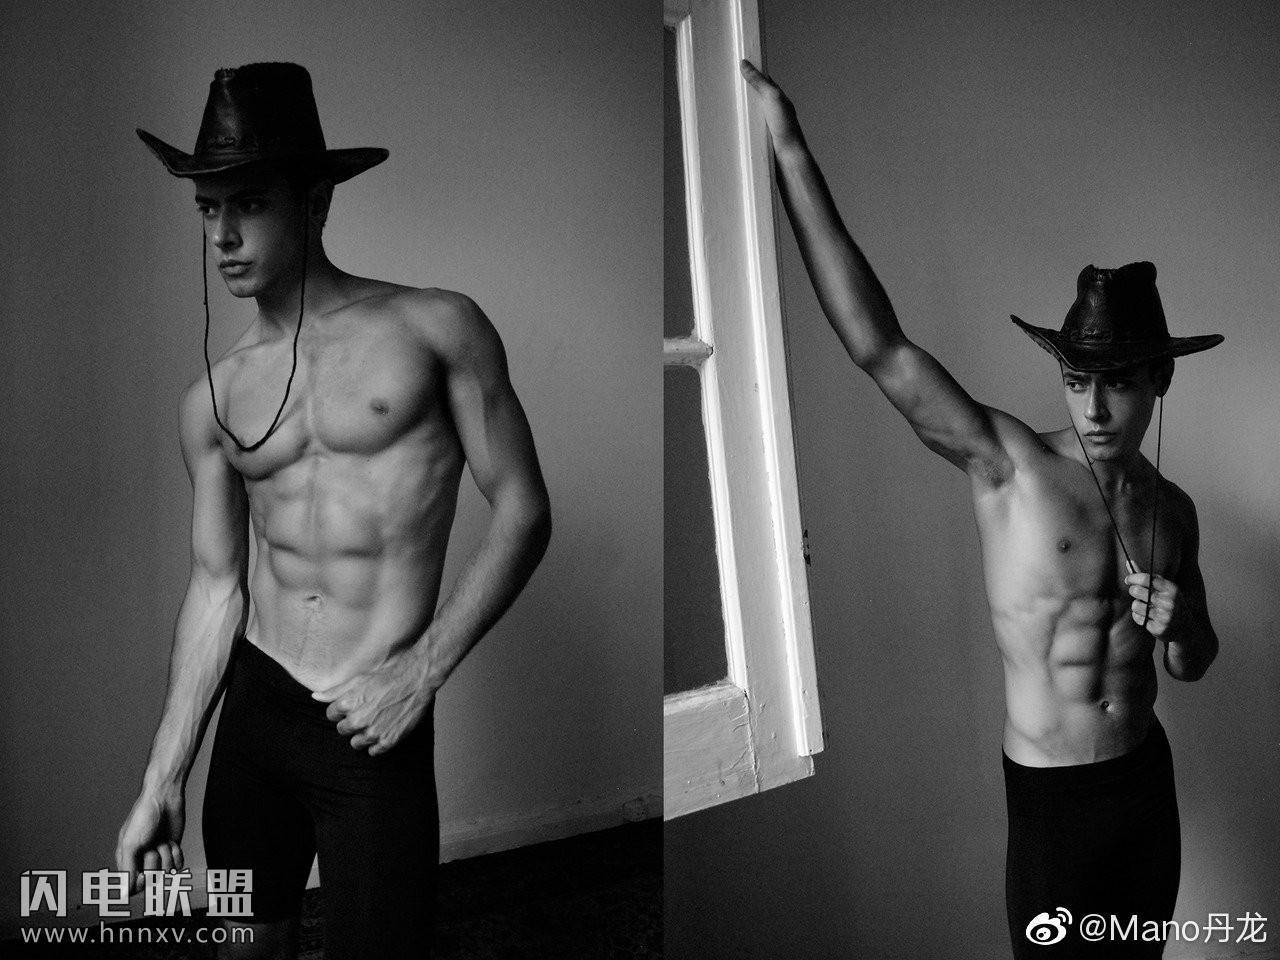 欧美小鲜肉男模高清黑白摄影照片第4张